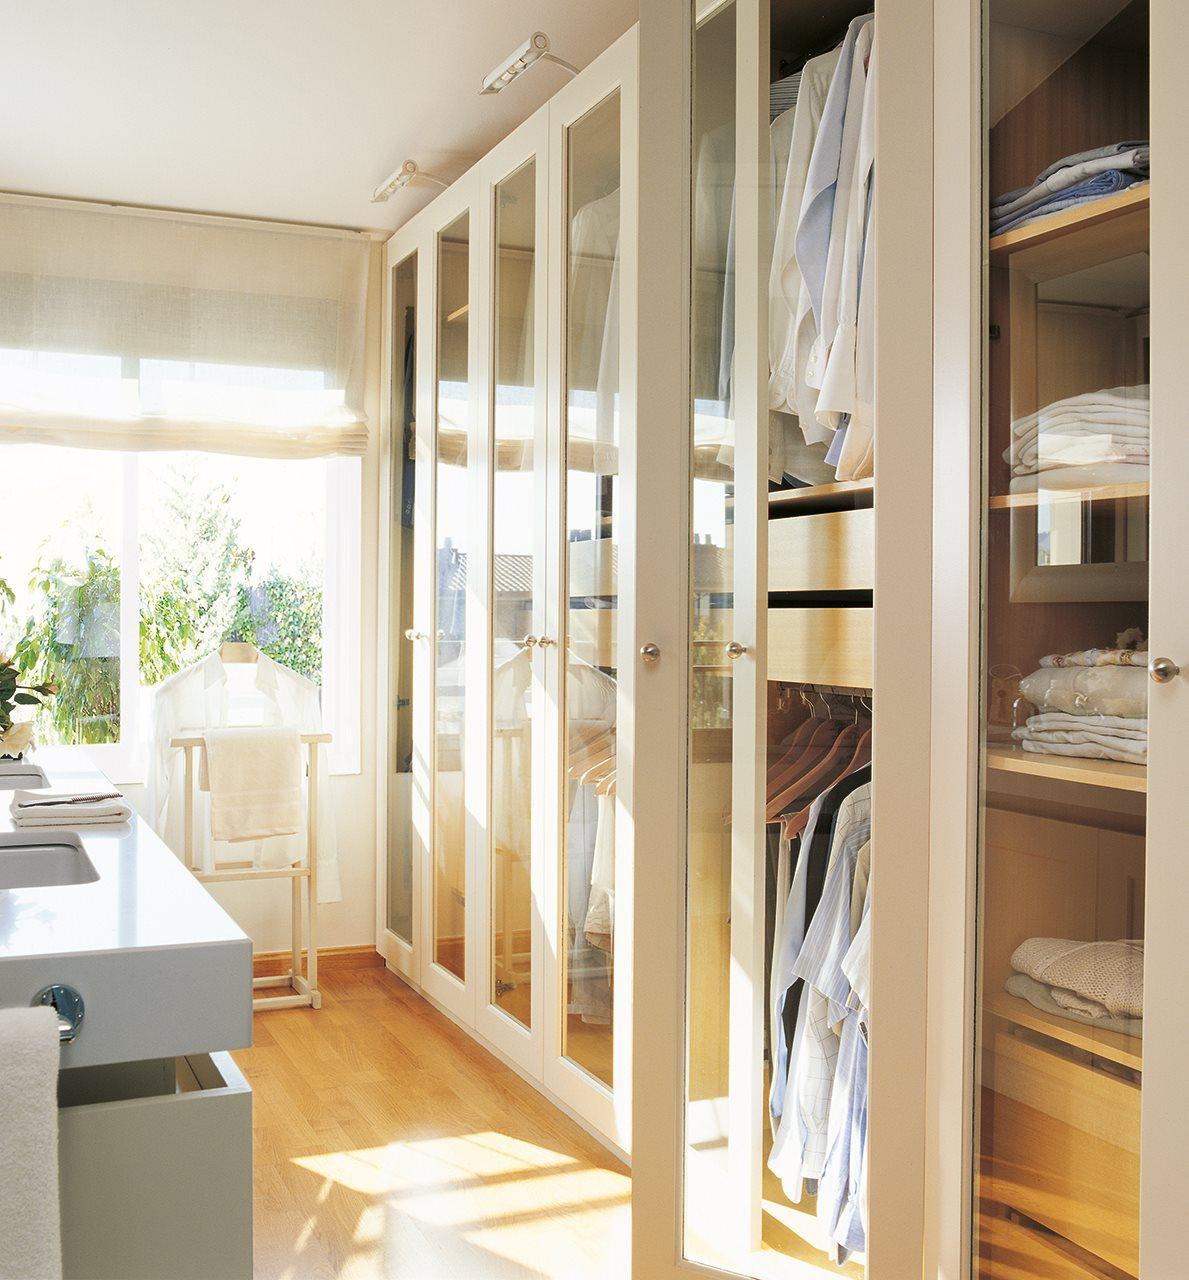 C mo organizar el armario - Organizar armarios empotrados ...